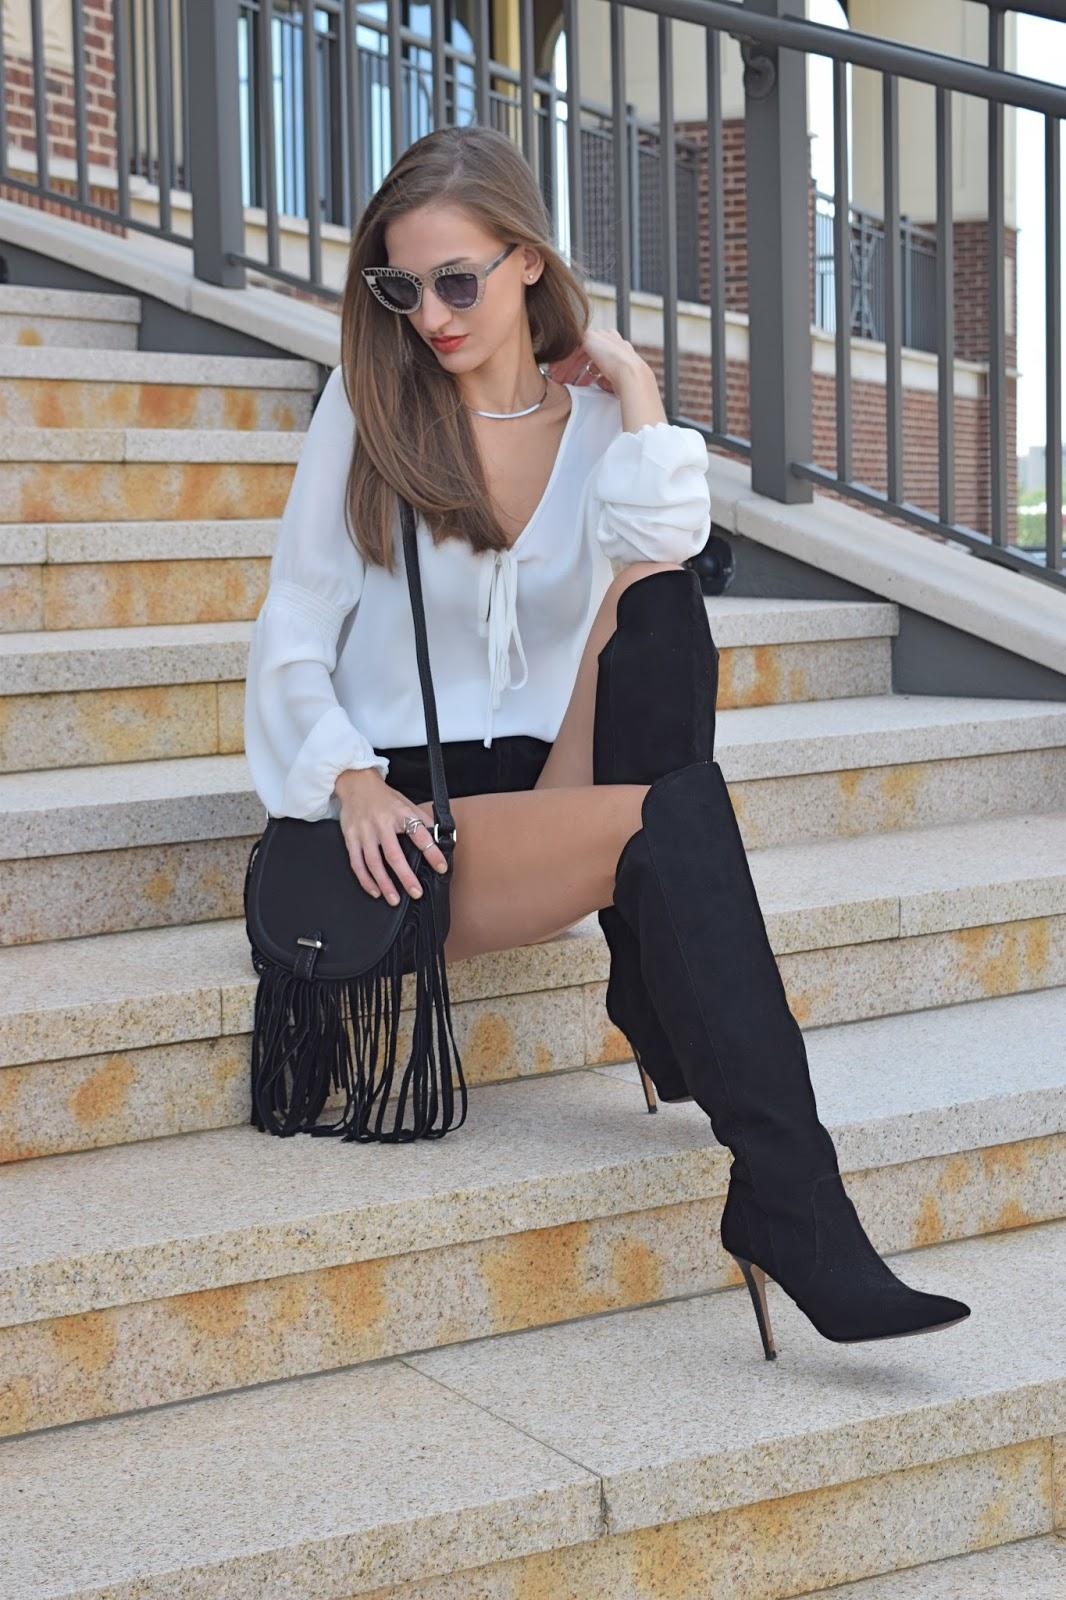 Wearing topshop suede black fringe cross body bag, Forever21 genuine suede black shorts